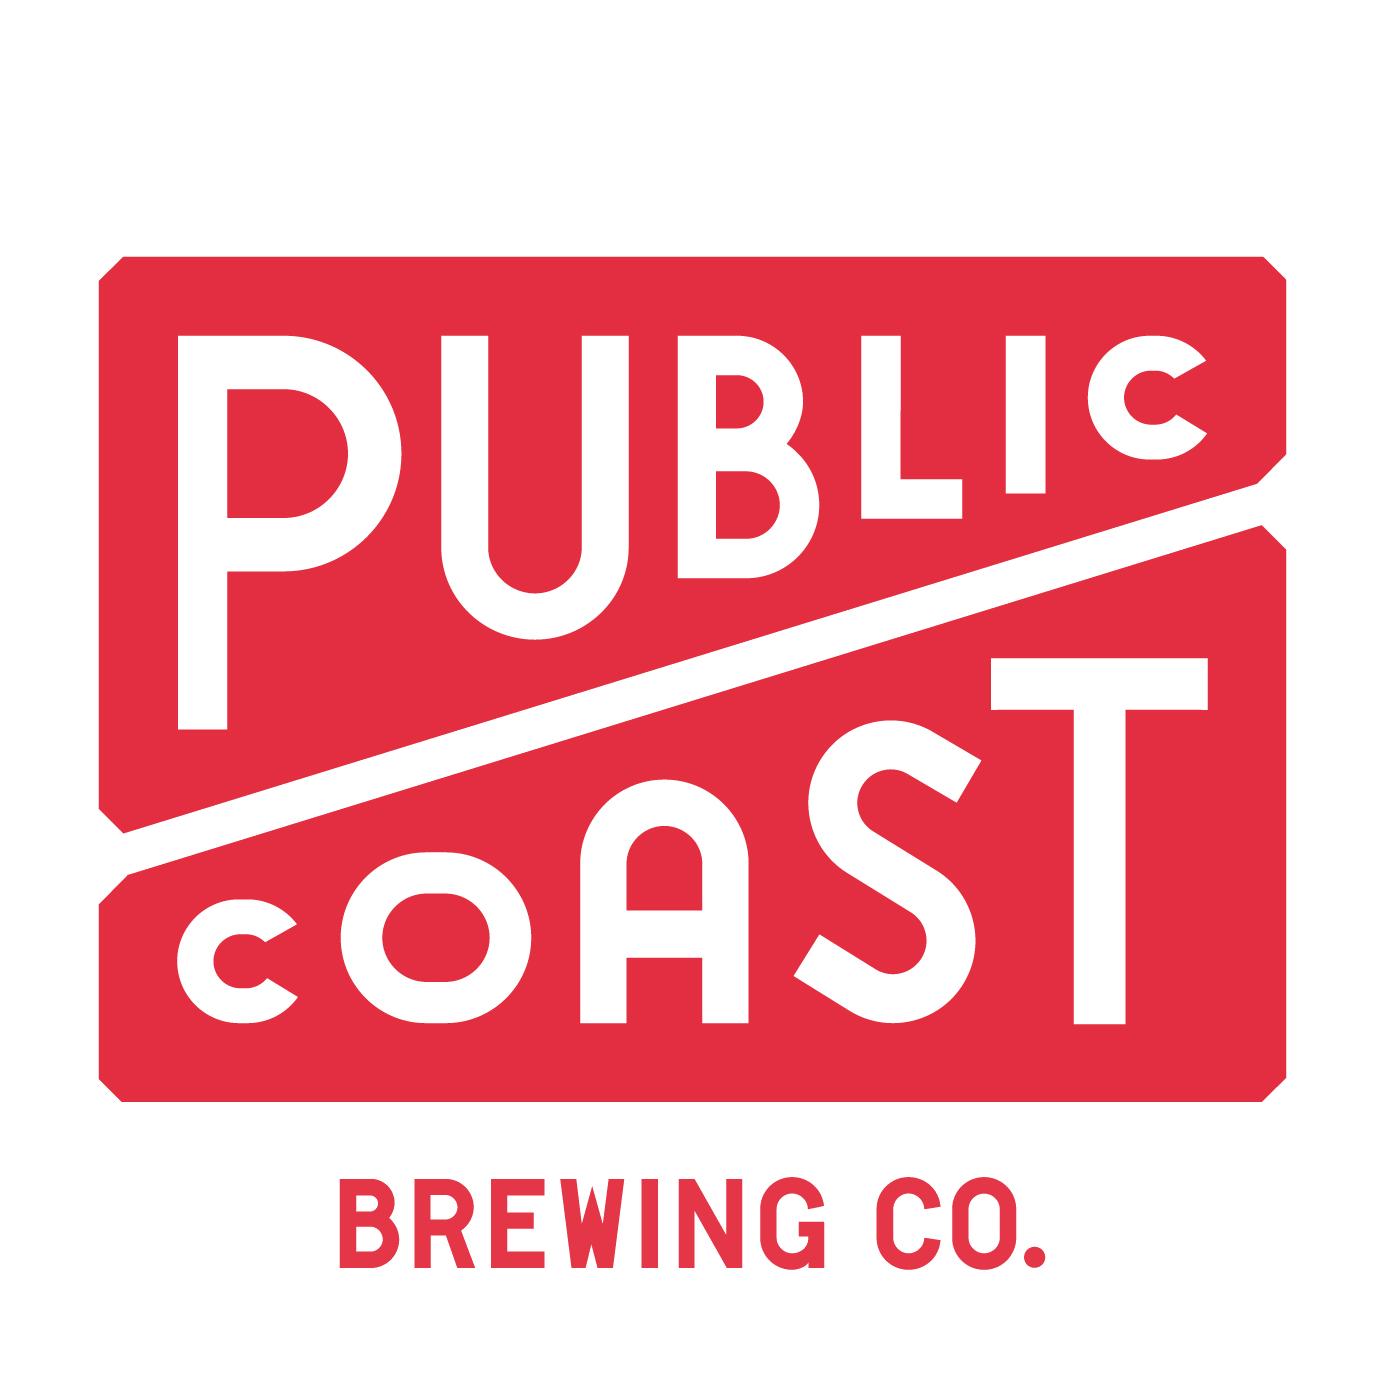 Public Coast Brewing Co.